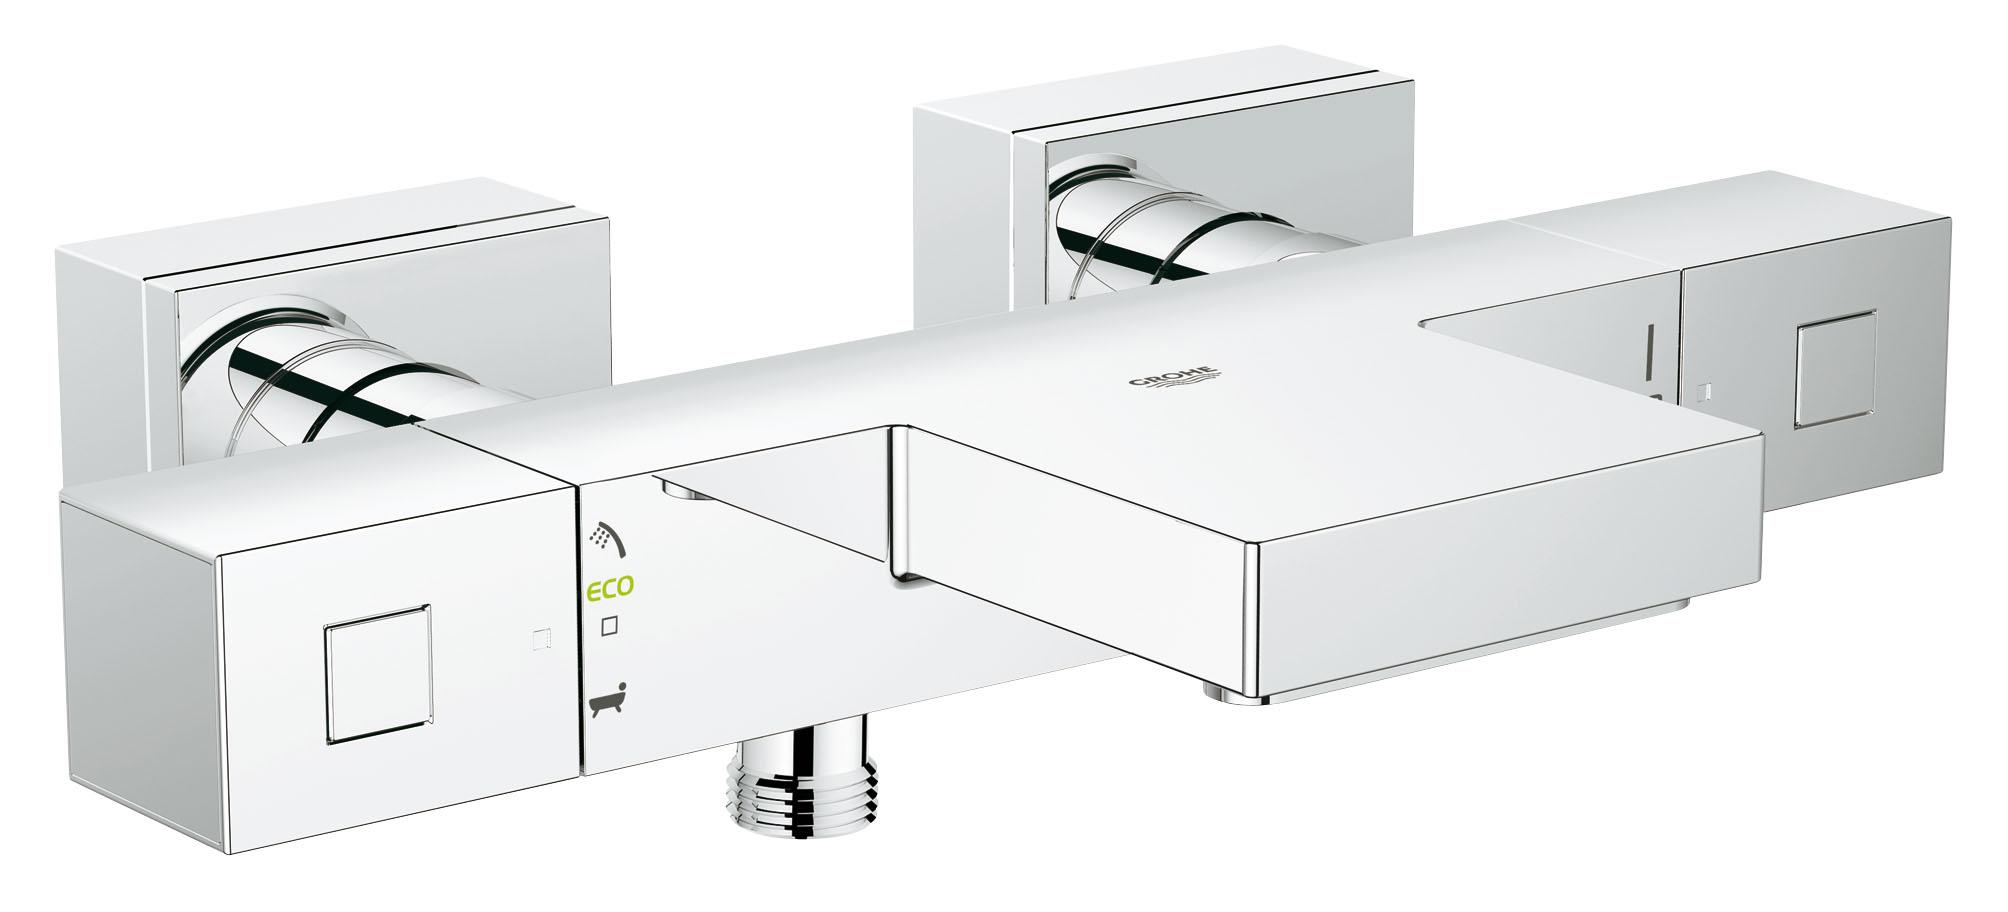 Смеситель для ванны и душа GROHE Grohtherm Cube, с термостатом. 3449700068/5/3GROHE Grohtherm Cube: термостат для ванны с самыми современными технологиями для роскошных банных процедур Благодаря своему широкому каскадному изливу этот прогрессивный высокоточный термостат привнесет в интерьер Вашей ванной комнаты особый шик. Технология GROHE TurboStat обеспечивает мгновенную подачу воды заданной температуры через выпуск для ванны или душ. Стопор SafeStop убережет Вас и Ваших детей от ошпаривания. Регулятор AquaDimmer Eco позволит Вам перенаправлять поток воды между выпуском для ванны и душем, при желании ограничивая напор в целях экономии воды. Кольцевая шкала GROHE EasyLogic делает процесс настройки температуры и напора воды простым и интуитивно понятным. Благодаря износостойкому хромированному покрытию GROHE StarLight, Ваш термостат навсегда сохранит свой безупречно сияющий вид. Для поддержания его безупречной чистоты достаточно протирания сухой салфеткой.Особенности:Настенный монтаж GROHE StarLight хромированная поверхностьGROHE TurboStat встроенный термоэлемент GROHE EcoJoy - технология совершенного потока при уменьшенном расходе водыВстроенный стопор смешанной воды GROHE AquaDimmer Plus многофункциональный - регулировка расхода - переключатель: ванна/душ - GROHE EcoButton (встроенная кнопка с функцией экономии воды для душа) Стопор безопасности при 38°C Отвод для душа снизу 1/2? Аэратор Встроенные обратные клапаны Грязеулавливающие фильтры Скрытые S-образные эксцентрики С защитой от обратного потока GROHE XL WaterfallВидео по установке является исключительно информационным. Установка должна проводиться профессионалами!